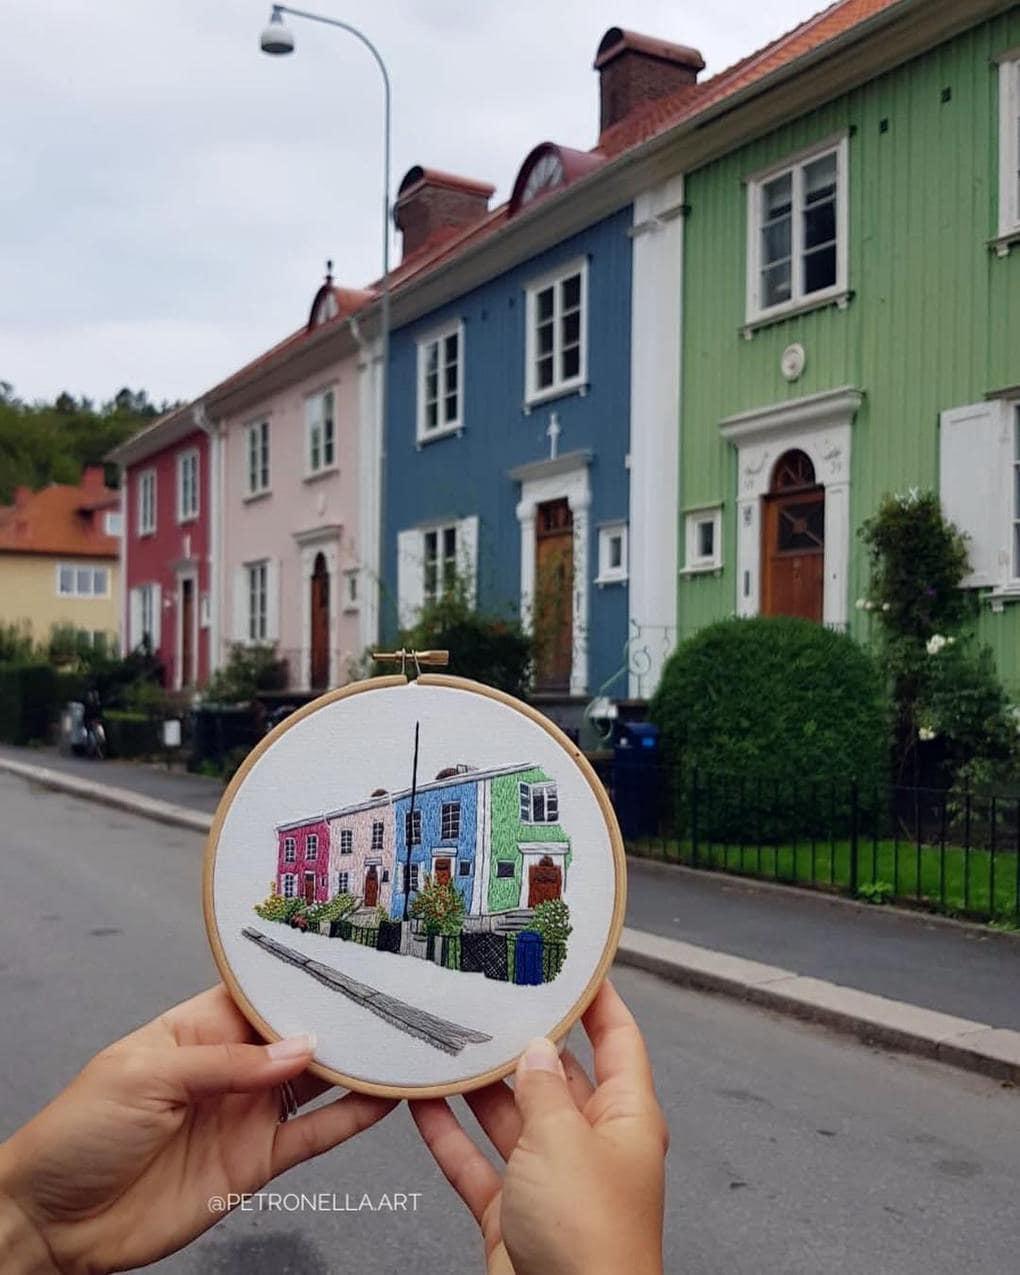 Пара путешествует по Европе и запечатлевает увиденное, но не на фото. Они это вышивают! 2